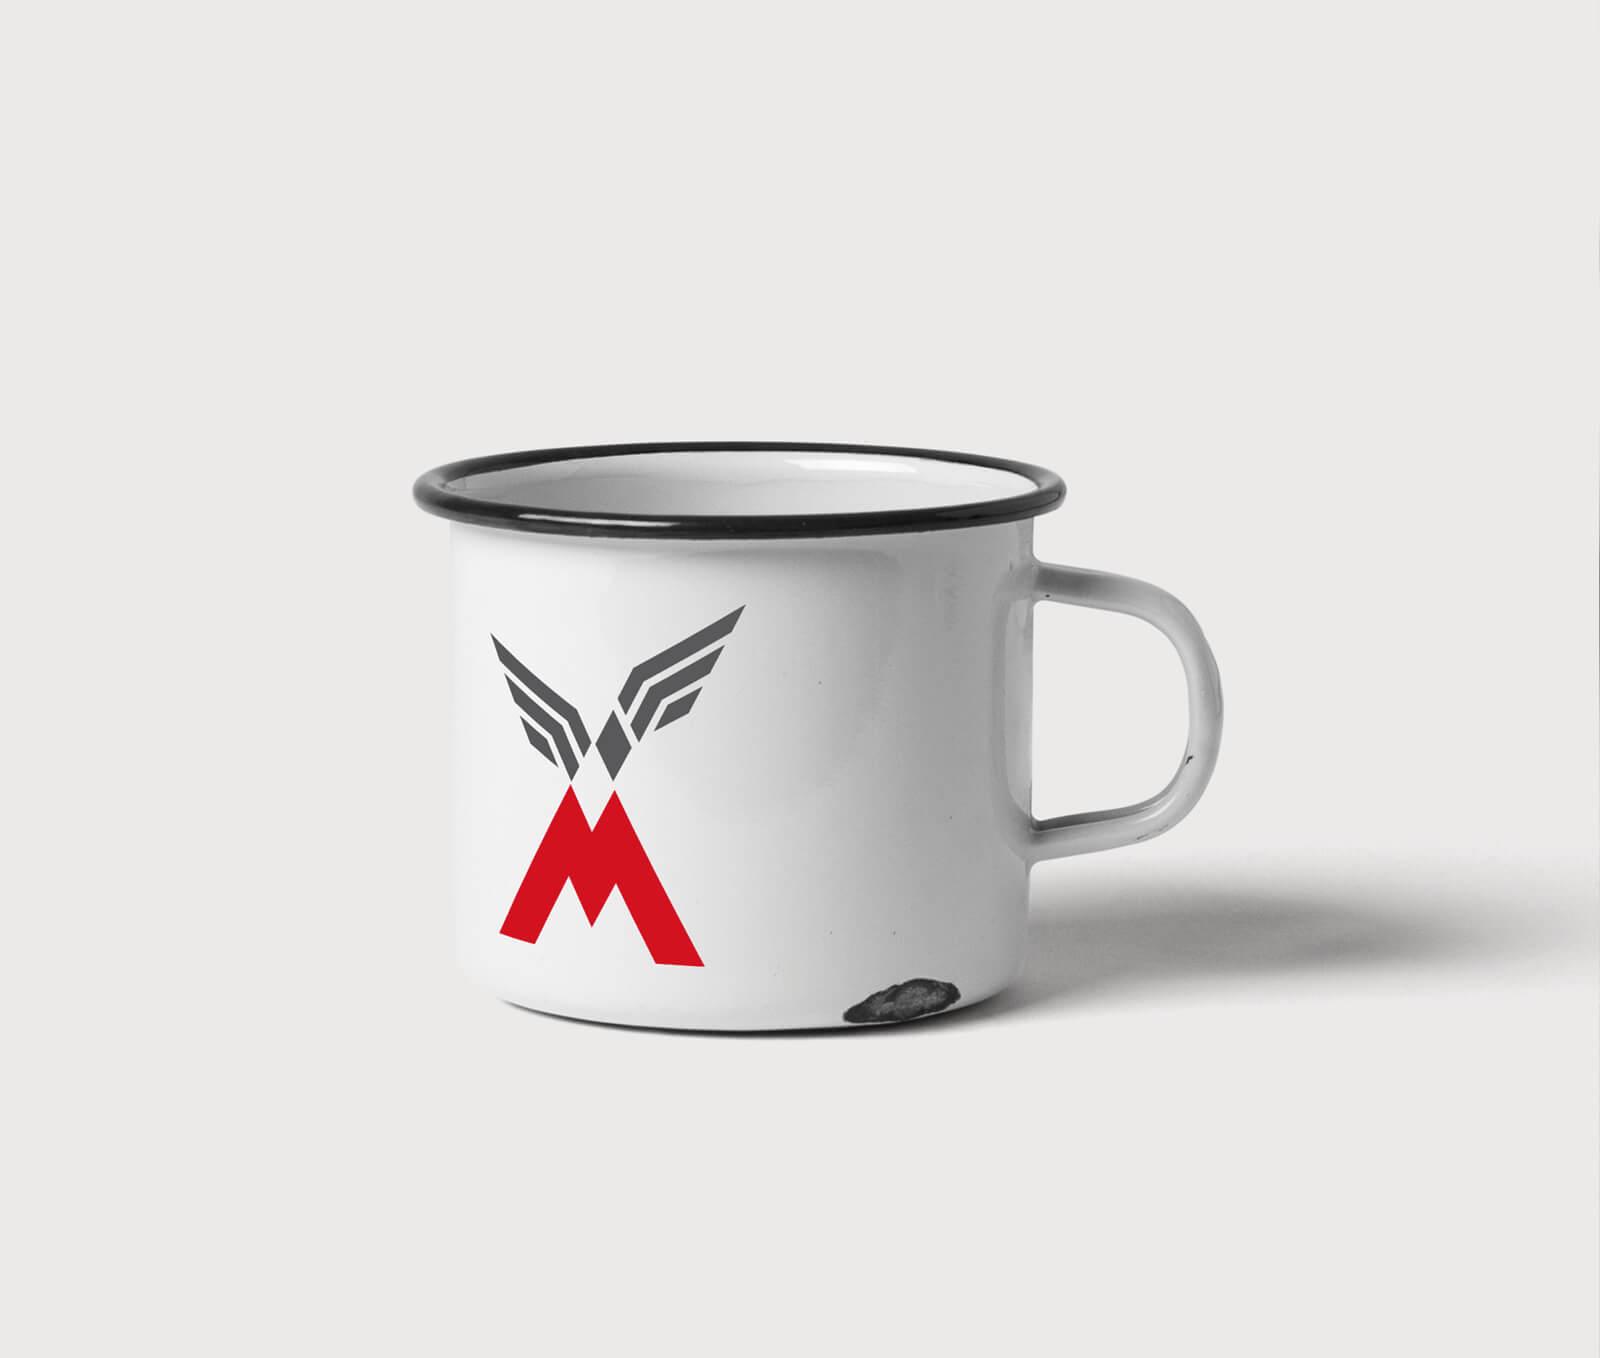 branding e personalizzazione gadget per immagine coordinata aziendale, progetto agenzia di comunicazione diade studio arco di trento